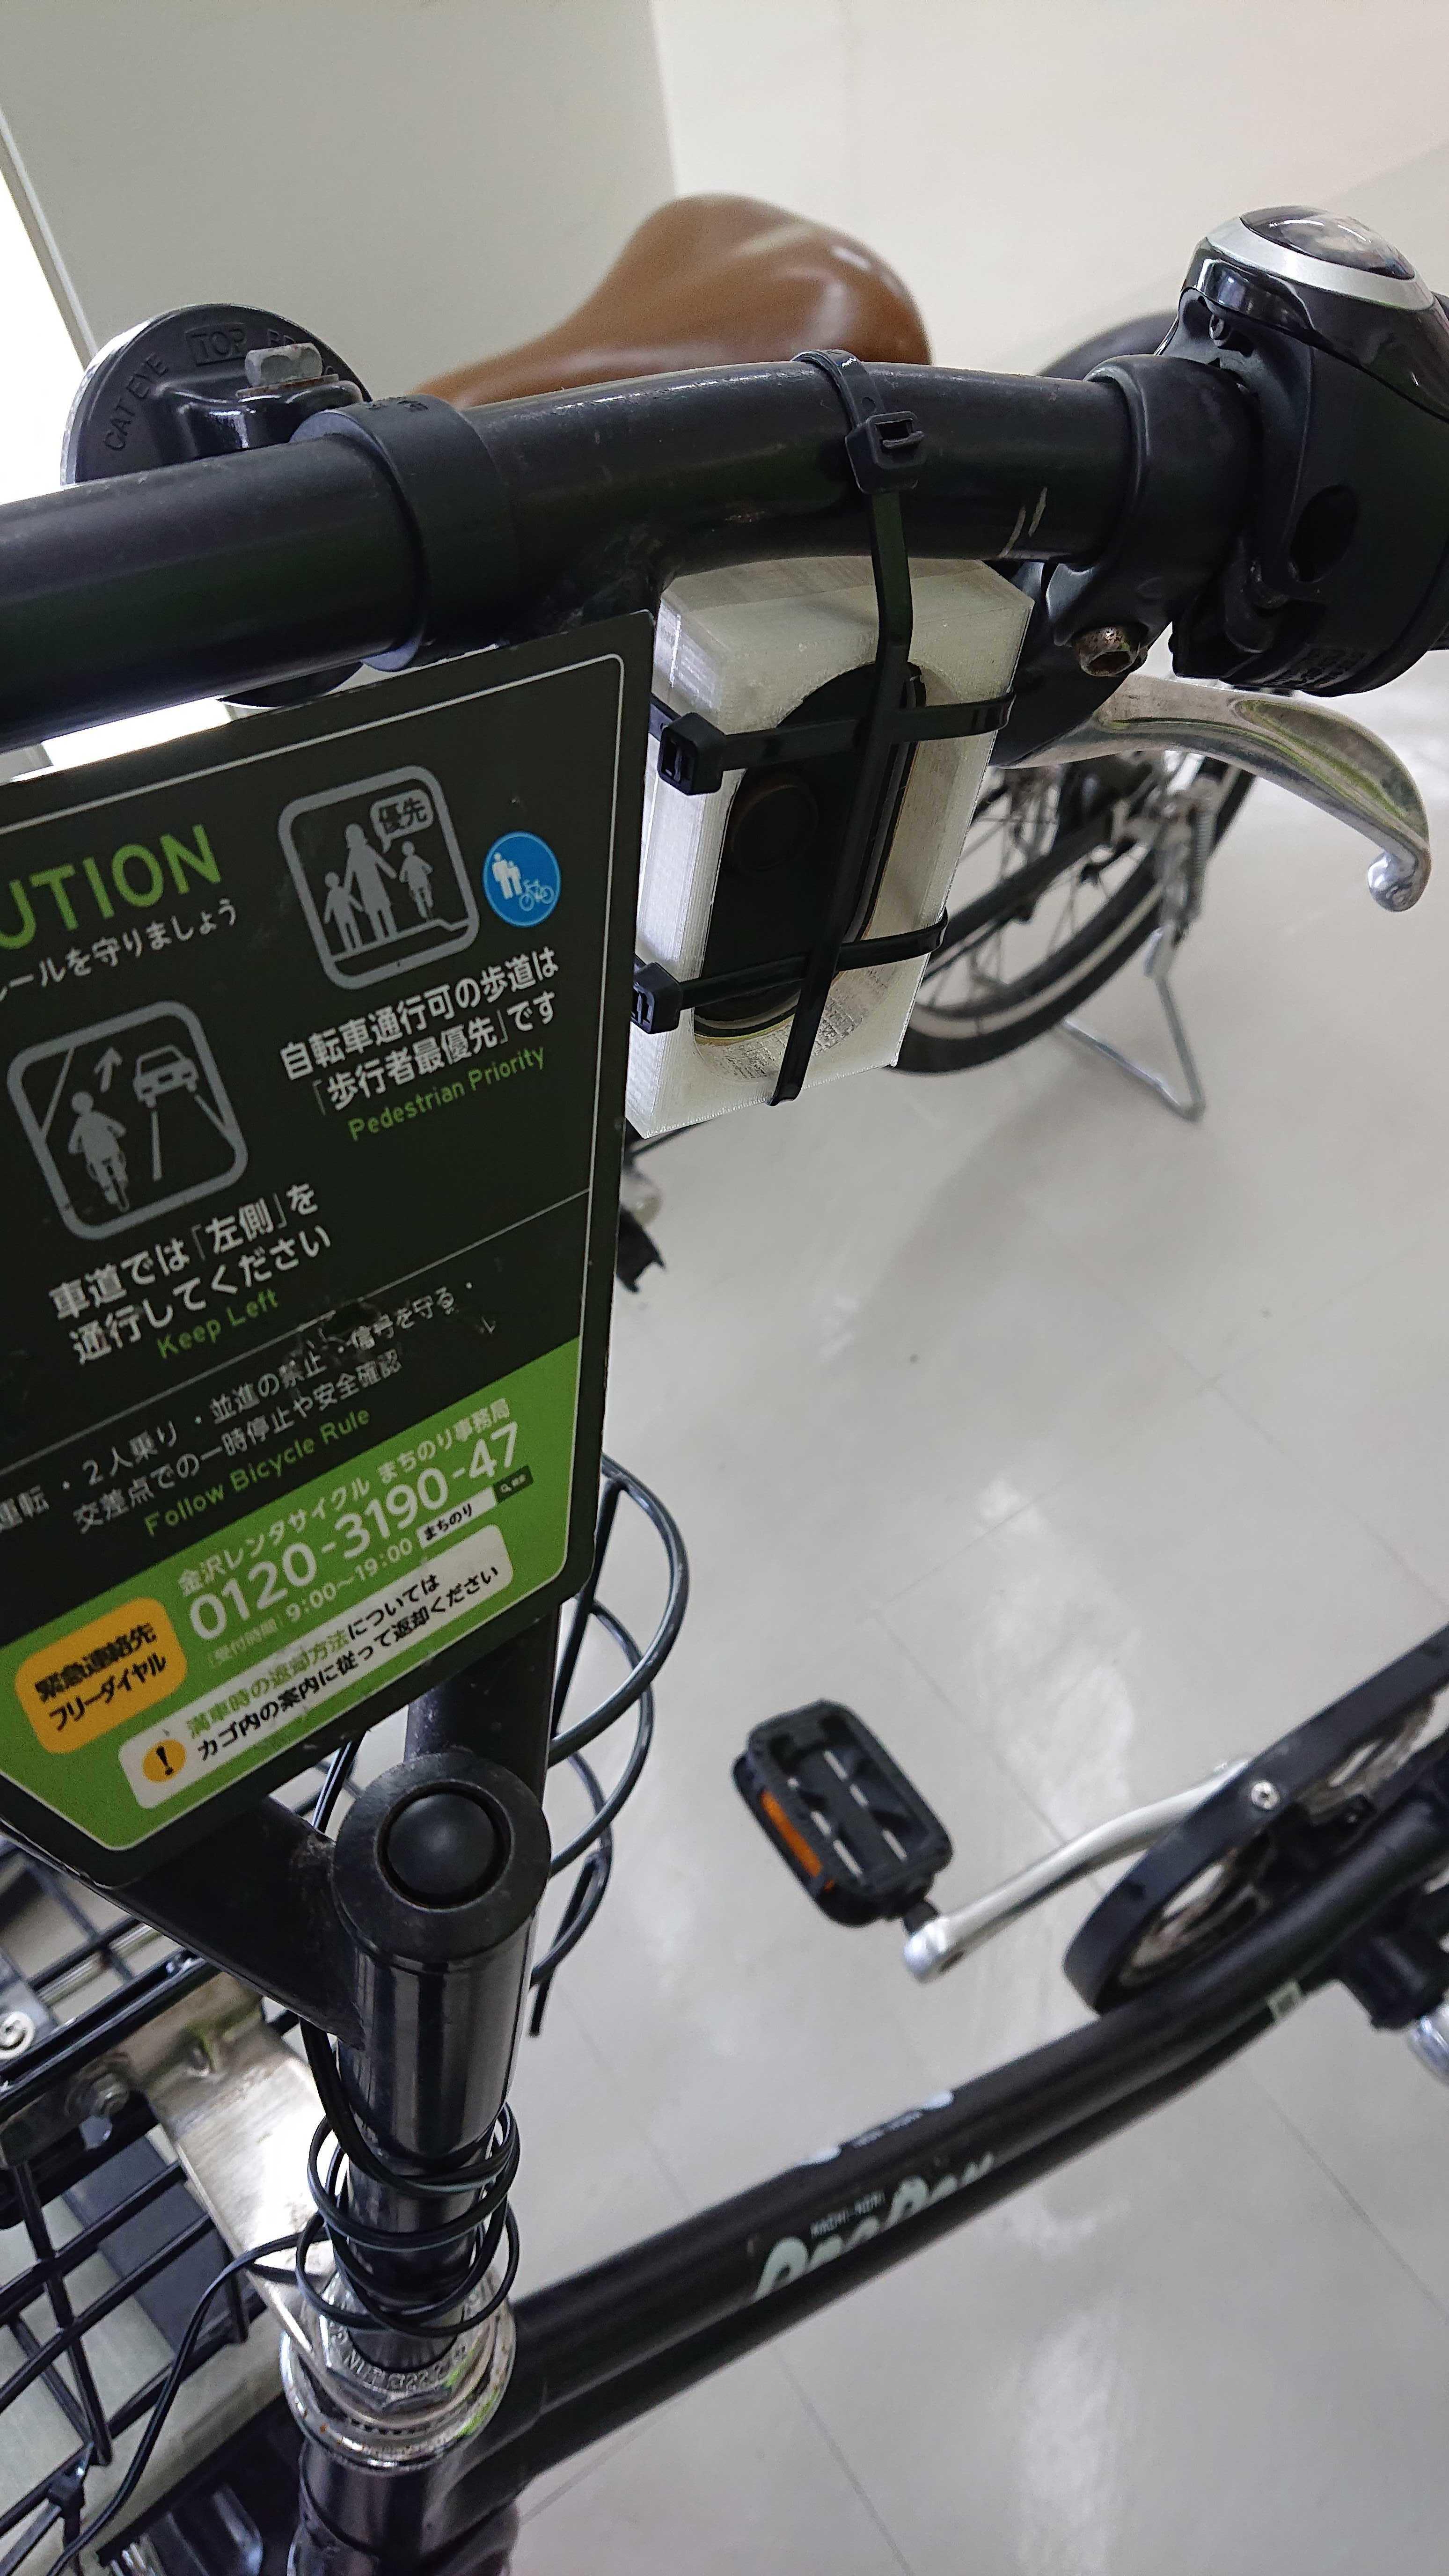 GPSで位置を検出しながら英語で自動観光案内。外国人観光客を対象に金沢工業大学Smart City Projectがレンタサイクル「まちのり」を使ったスタンプラリーを企画